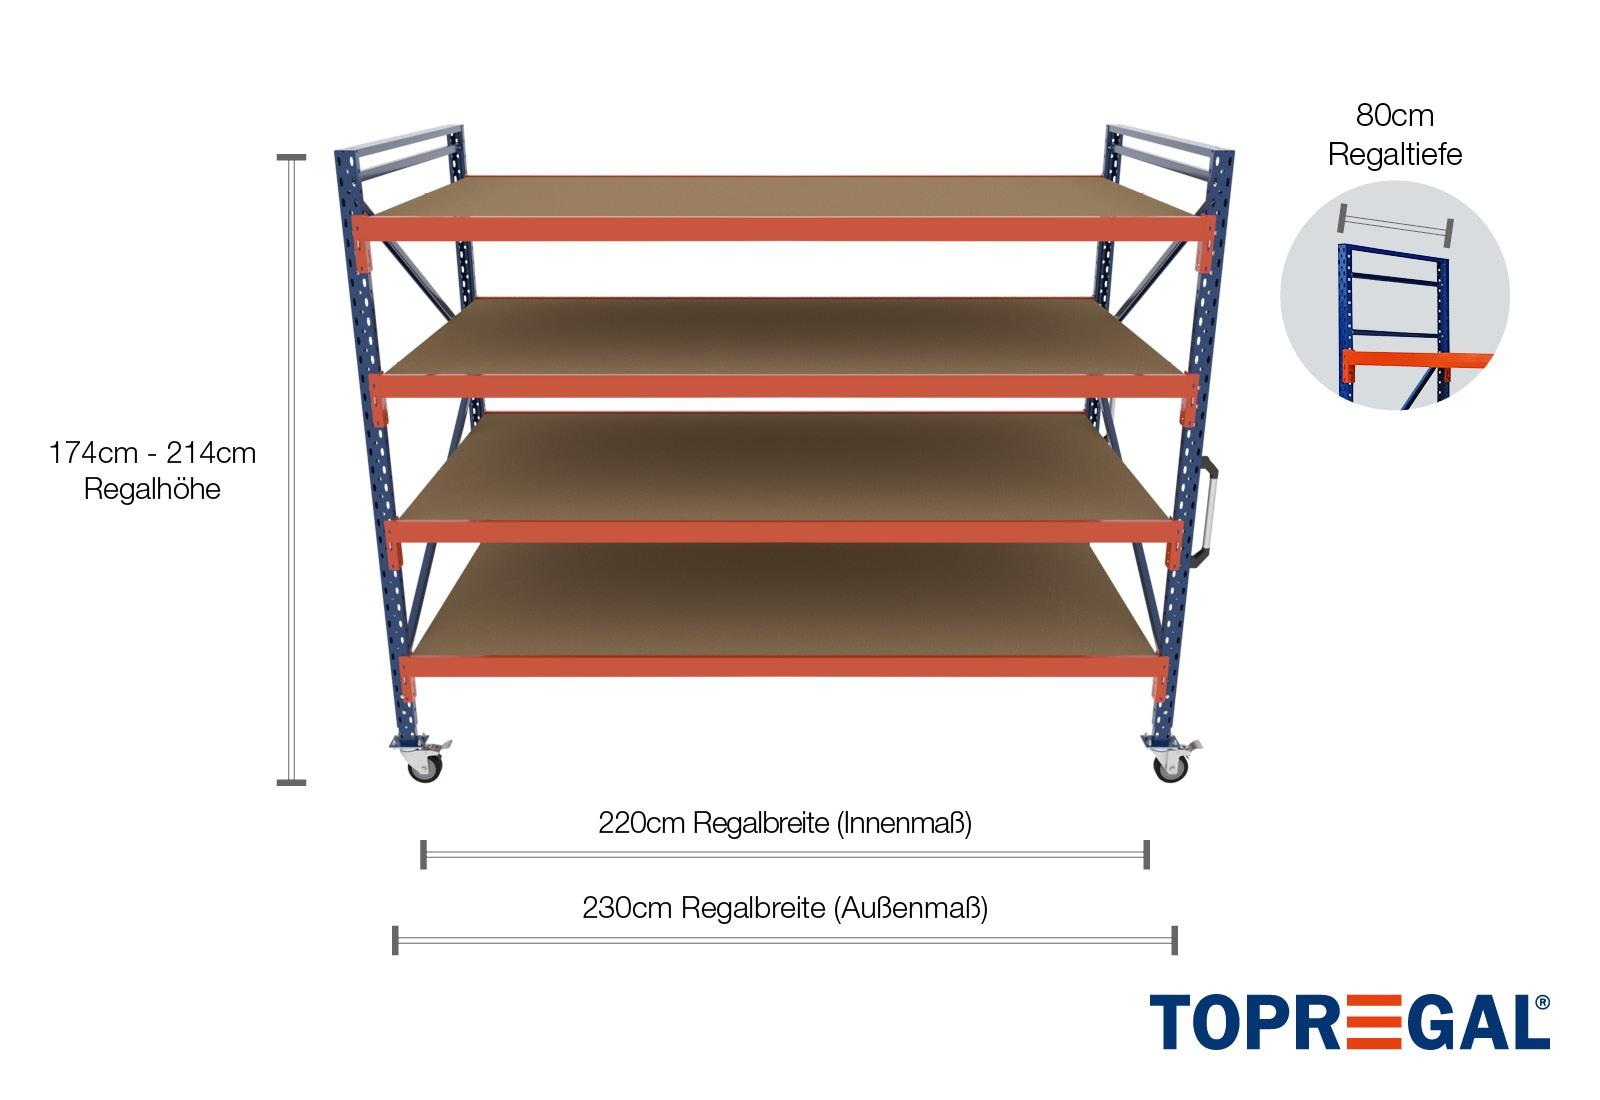 niveauxétagères Rayonnage comprises 2 du profondeur 4 174 à en 80cmavec stockage 3mhauteur 214cm rayonnage de bois de mobile wyN8n0mOv